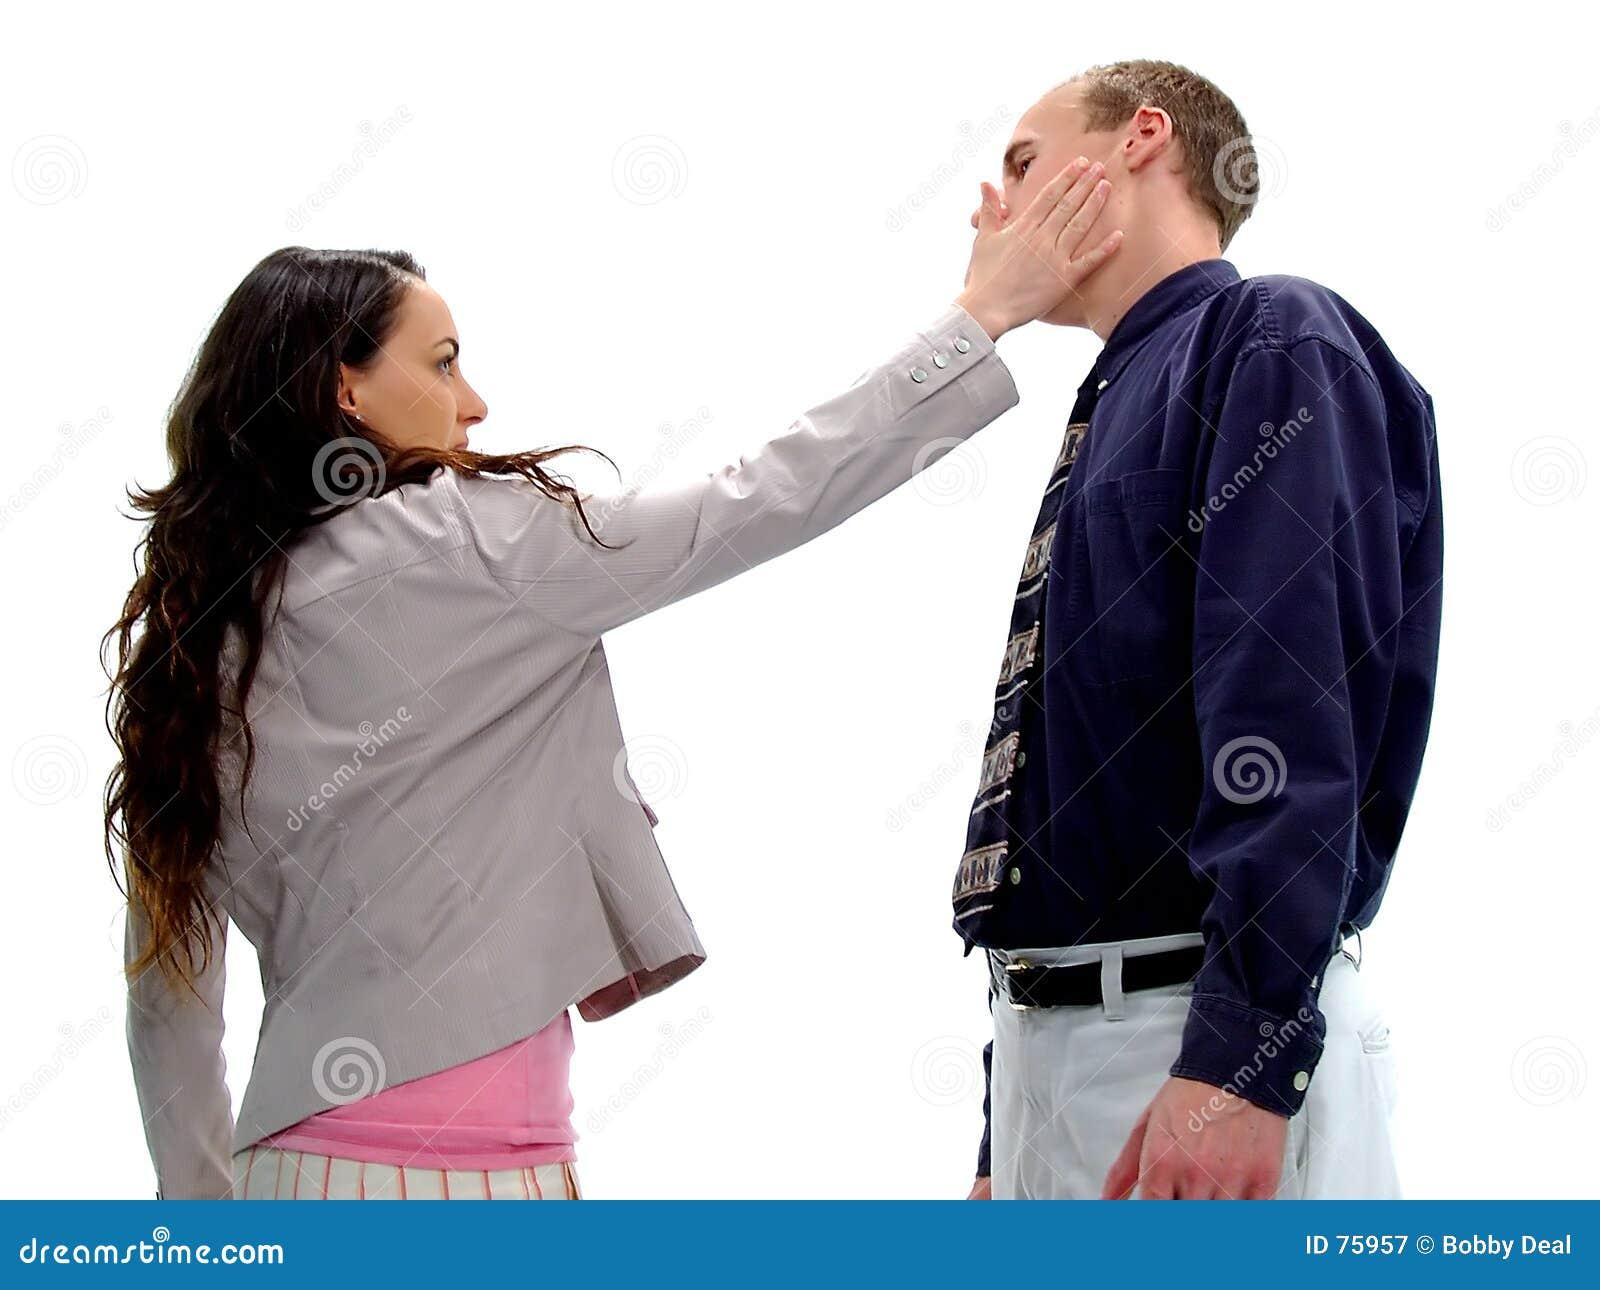 1 slap